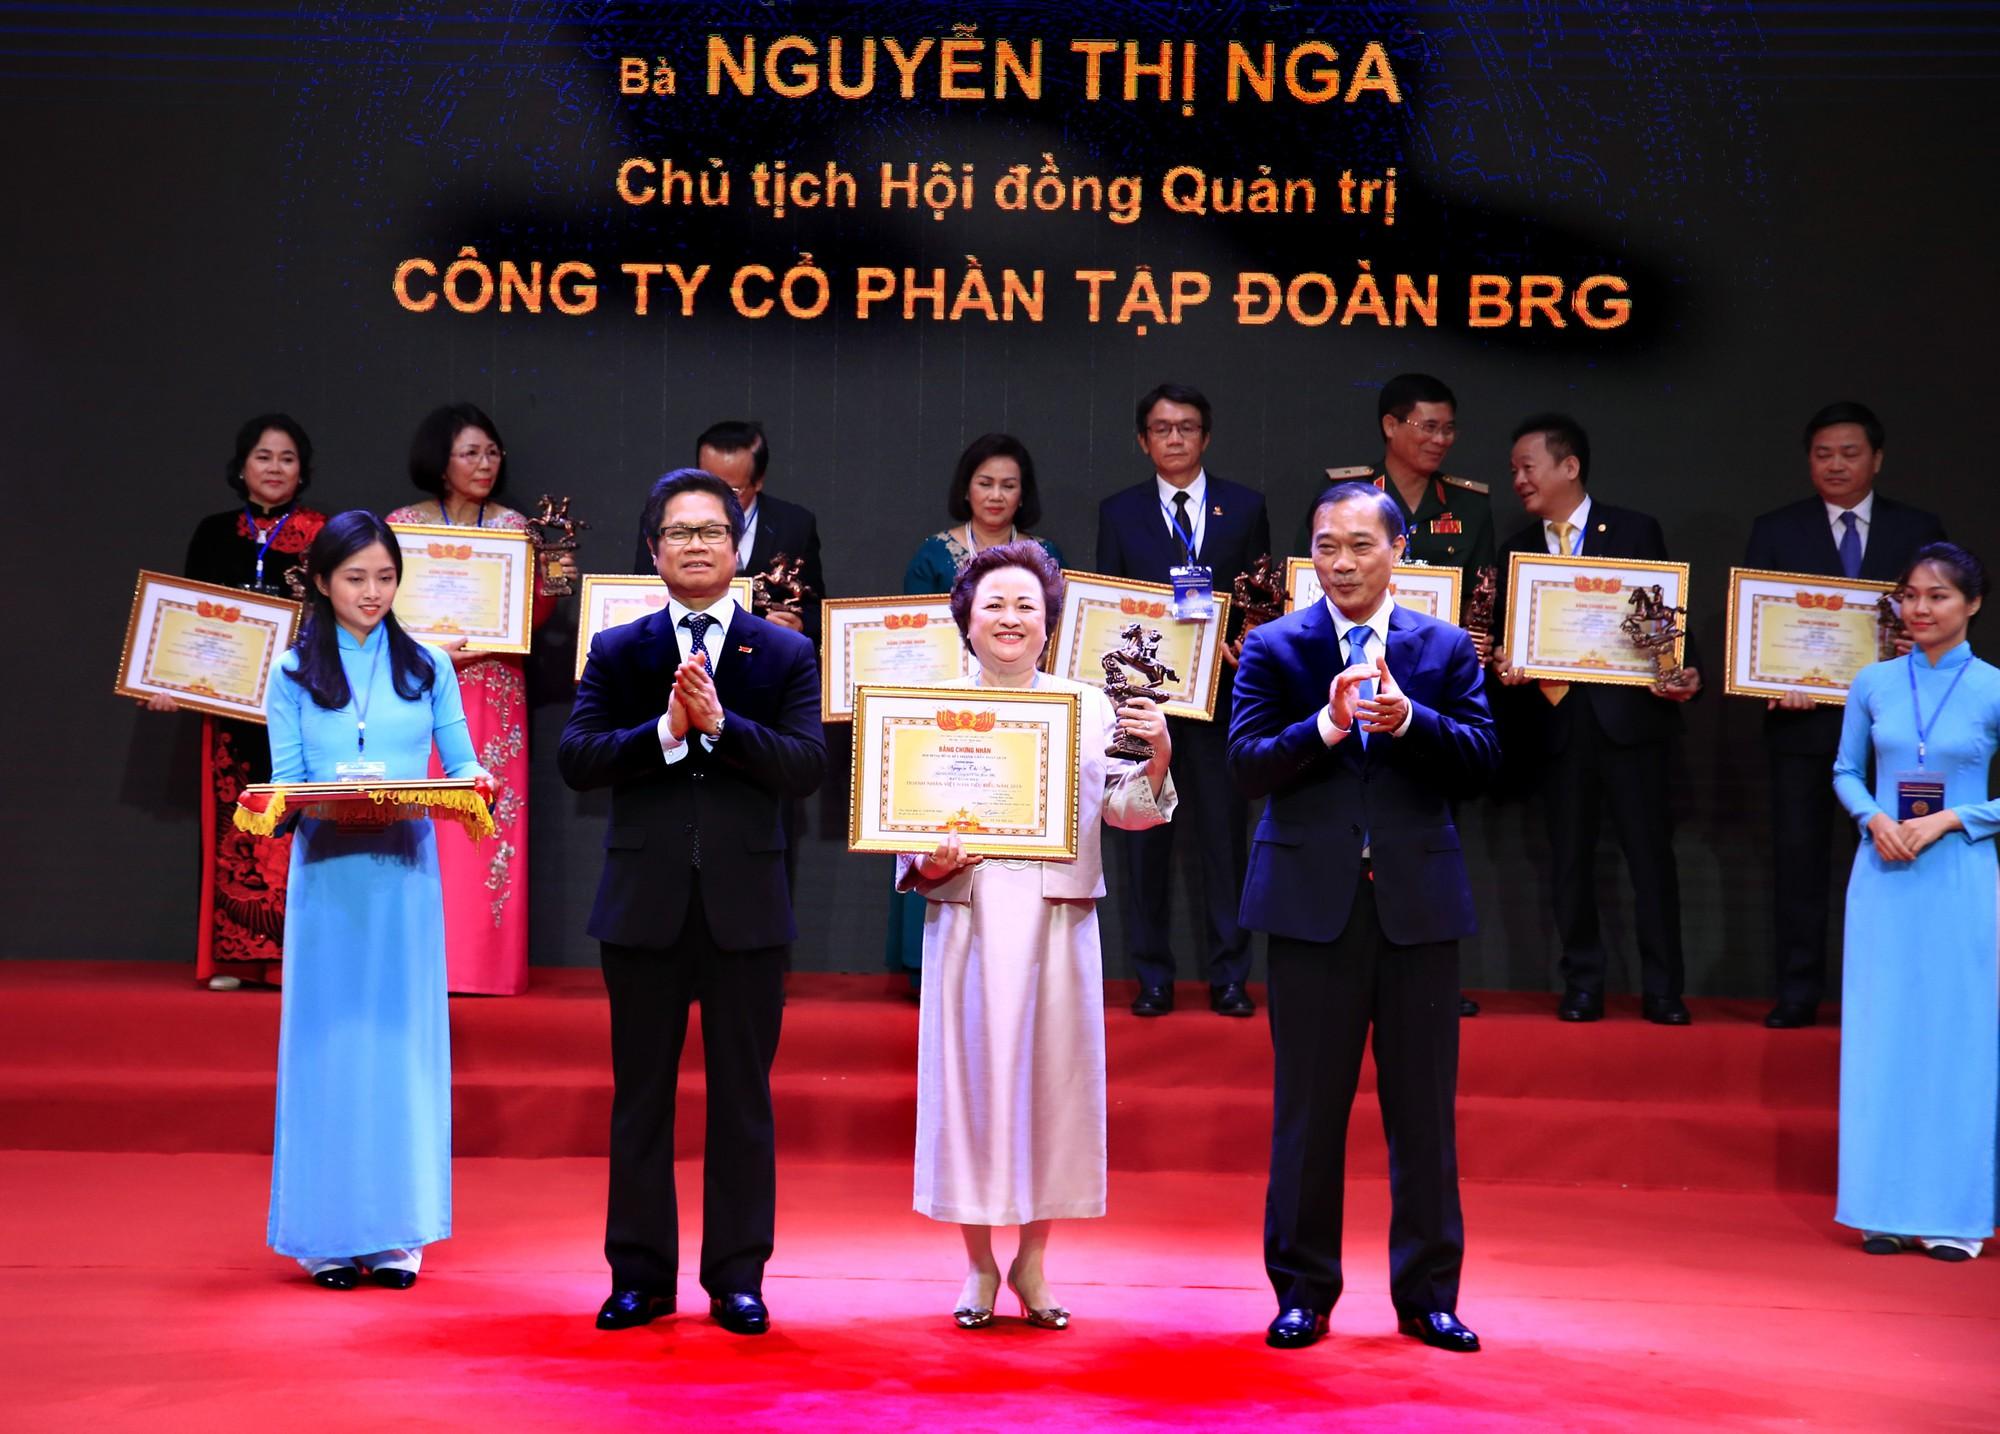 Madame Nguyễn Thị Nga được vinh danh trong Top 20 doanh nhân tiêu biểu nhất năm 2019